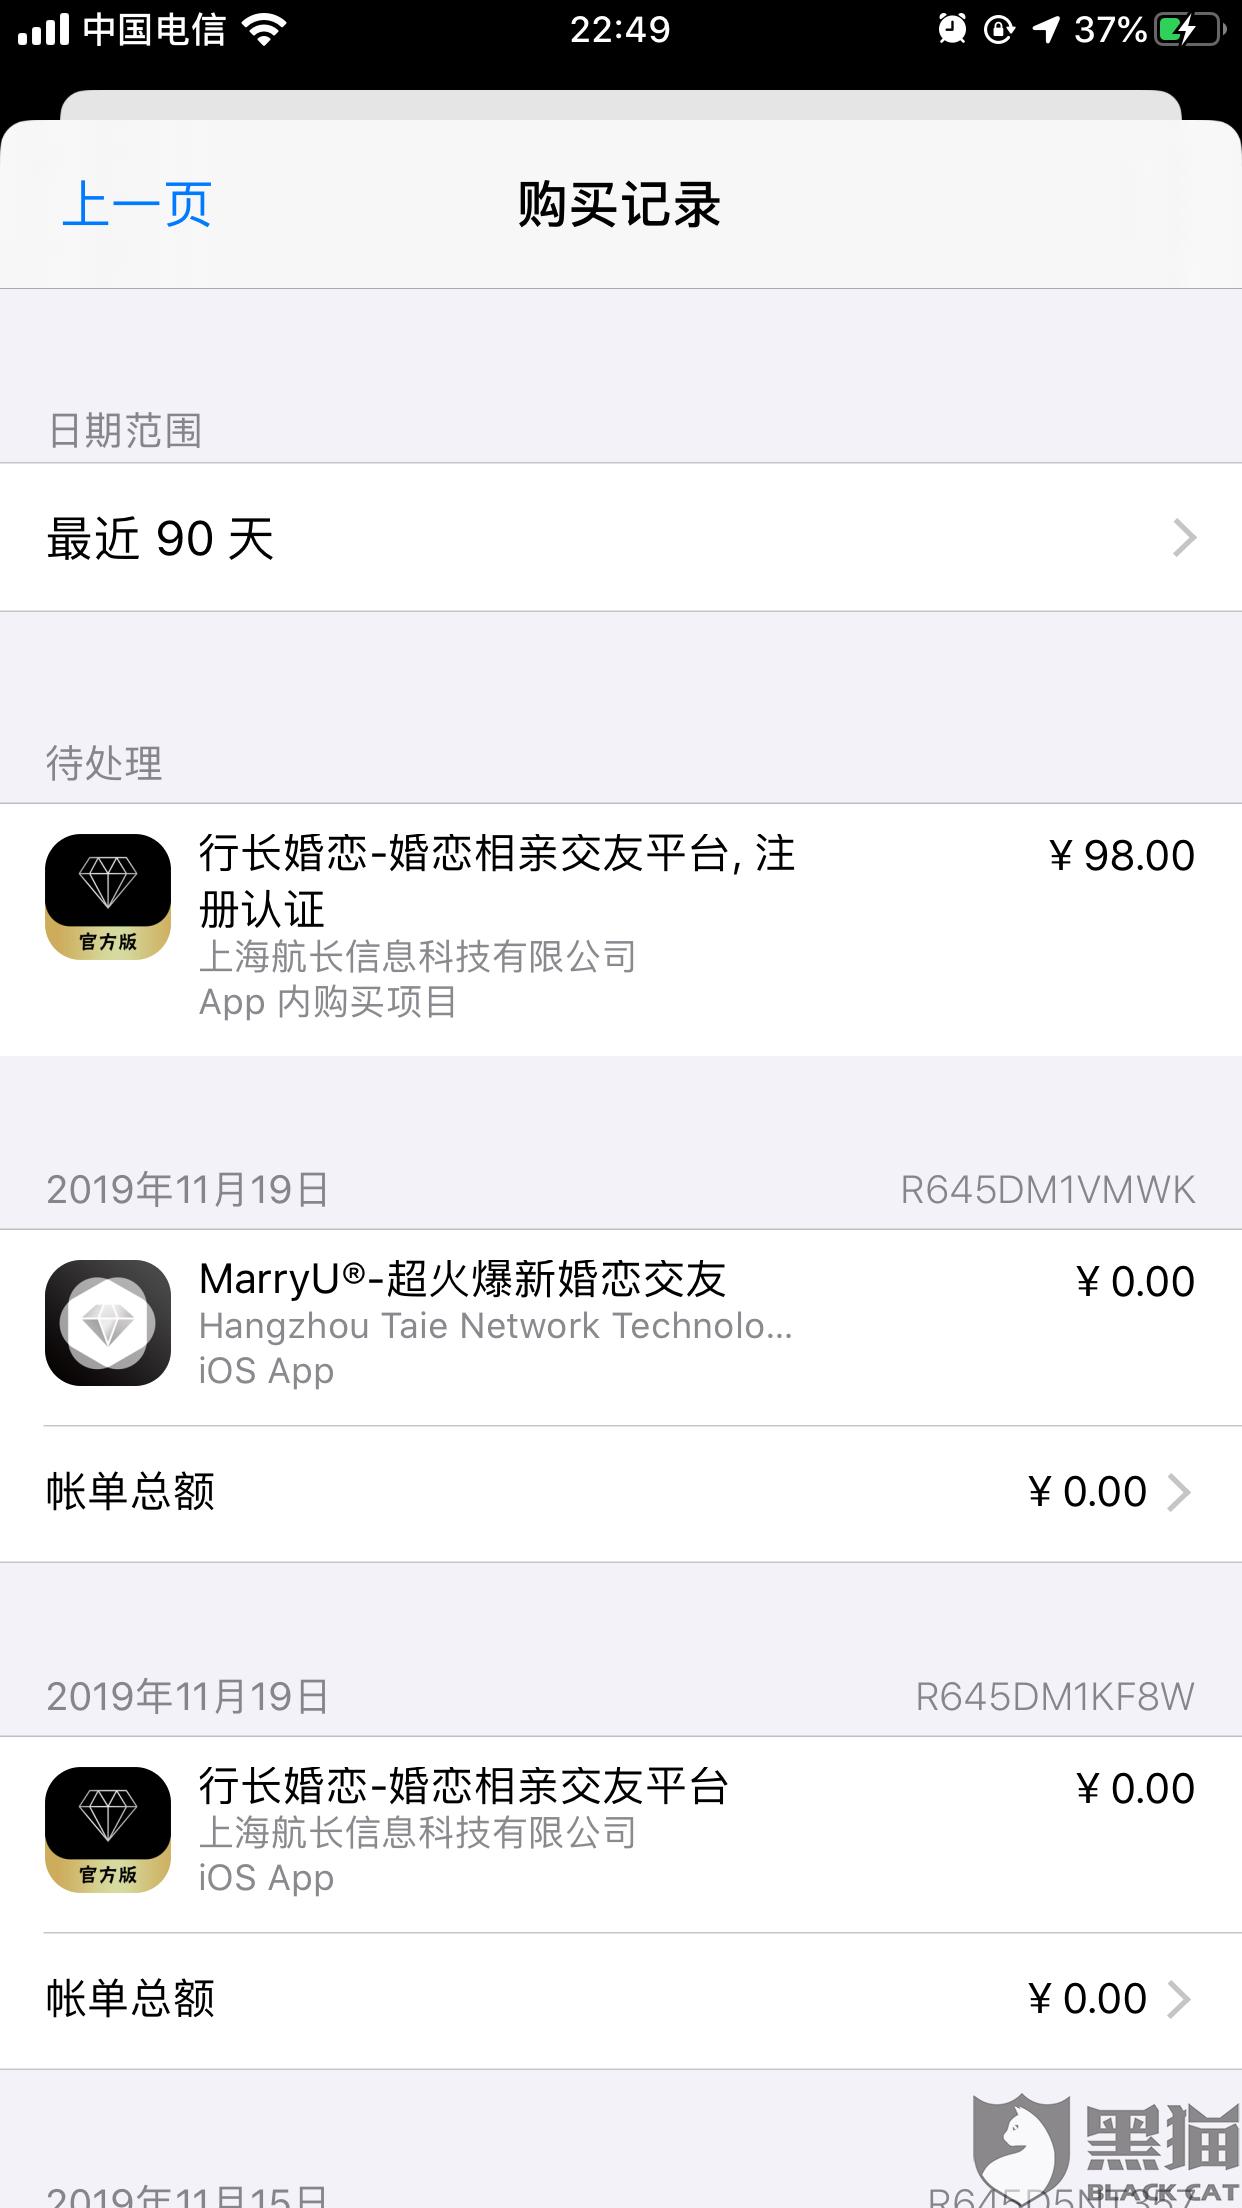 黑猫投诉:下载了行长婚恋app,注册需要交98元,交完了仍然是未注册状态,还要继续交钱!